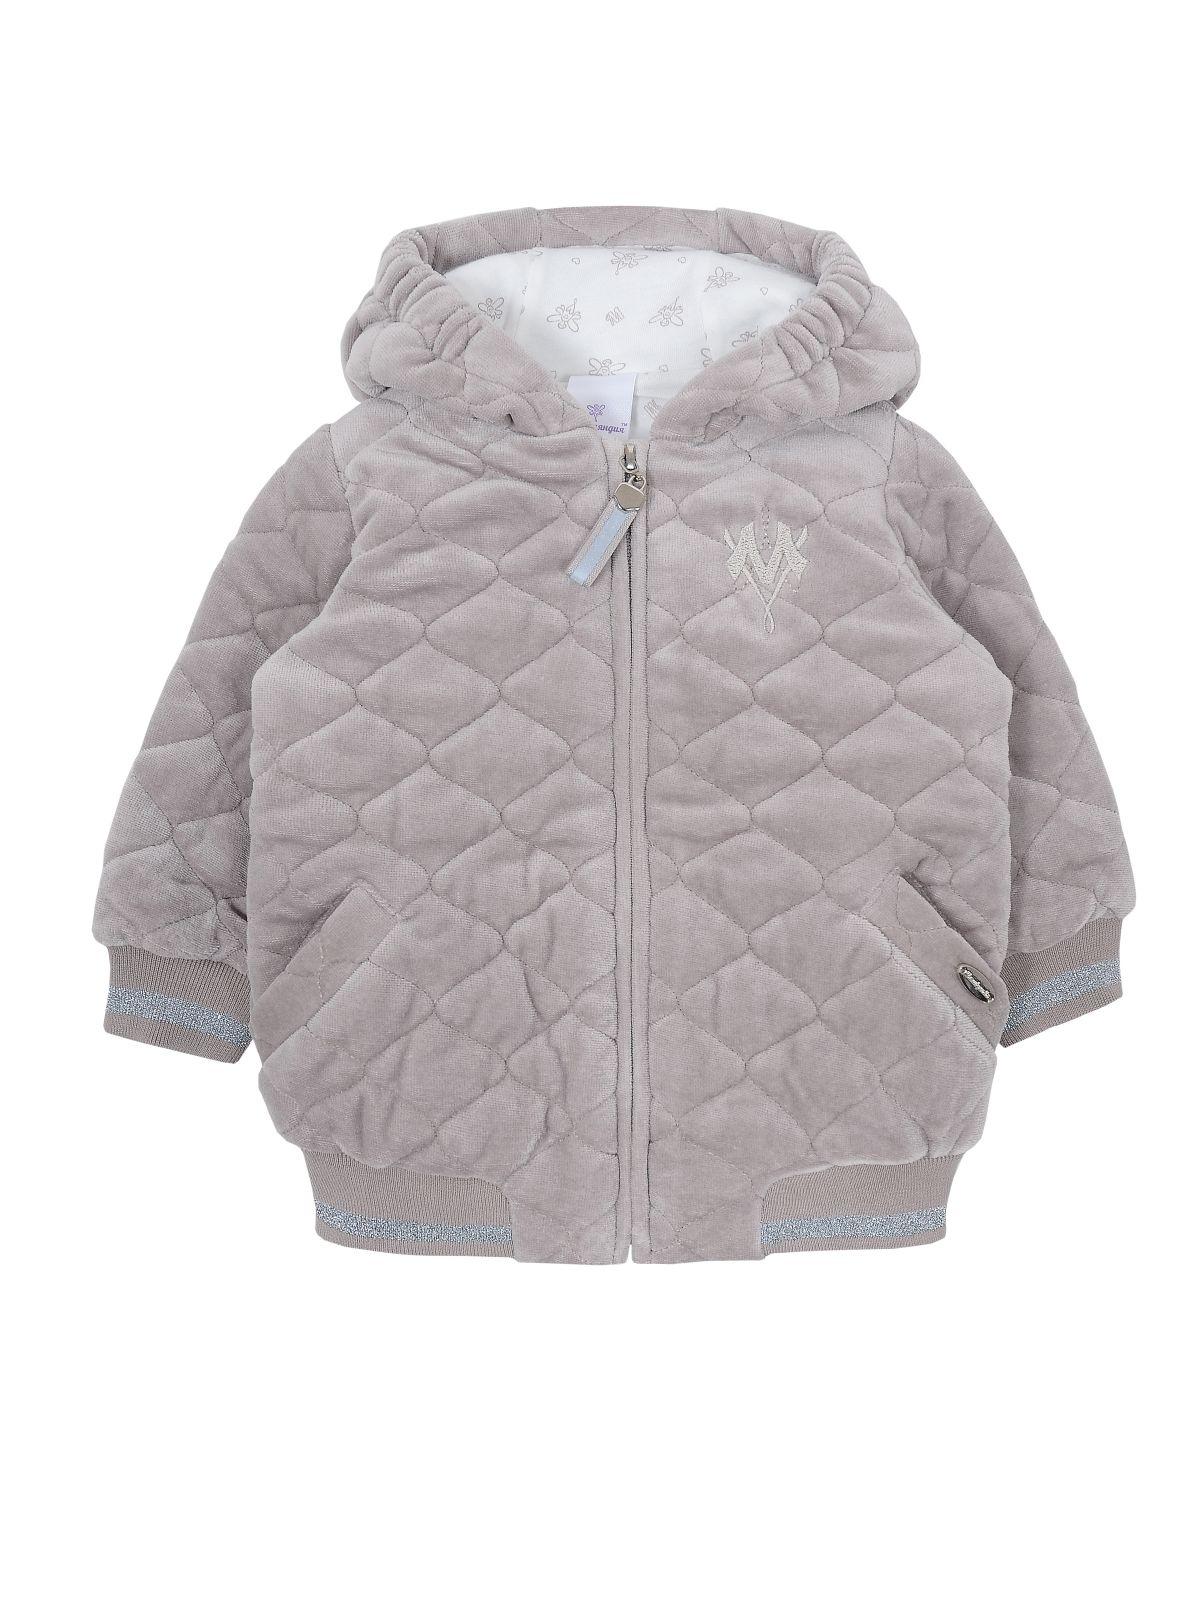 Куртка детская Мамуляндия 19-506, Велюр, Св серый р. 98